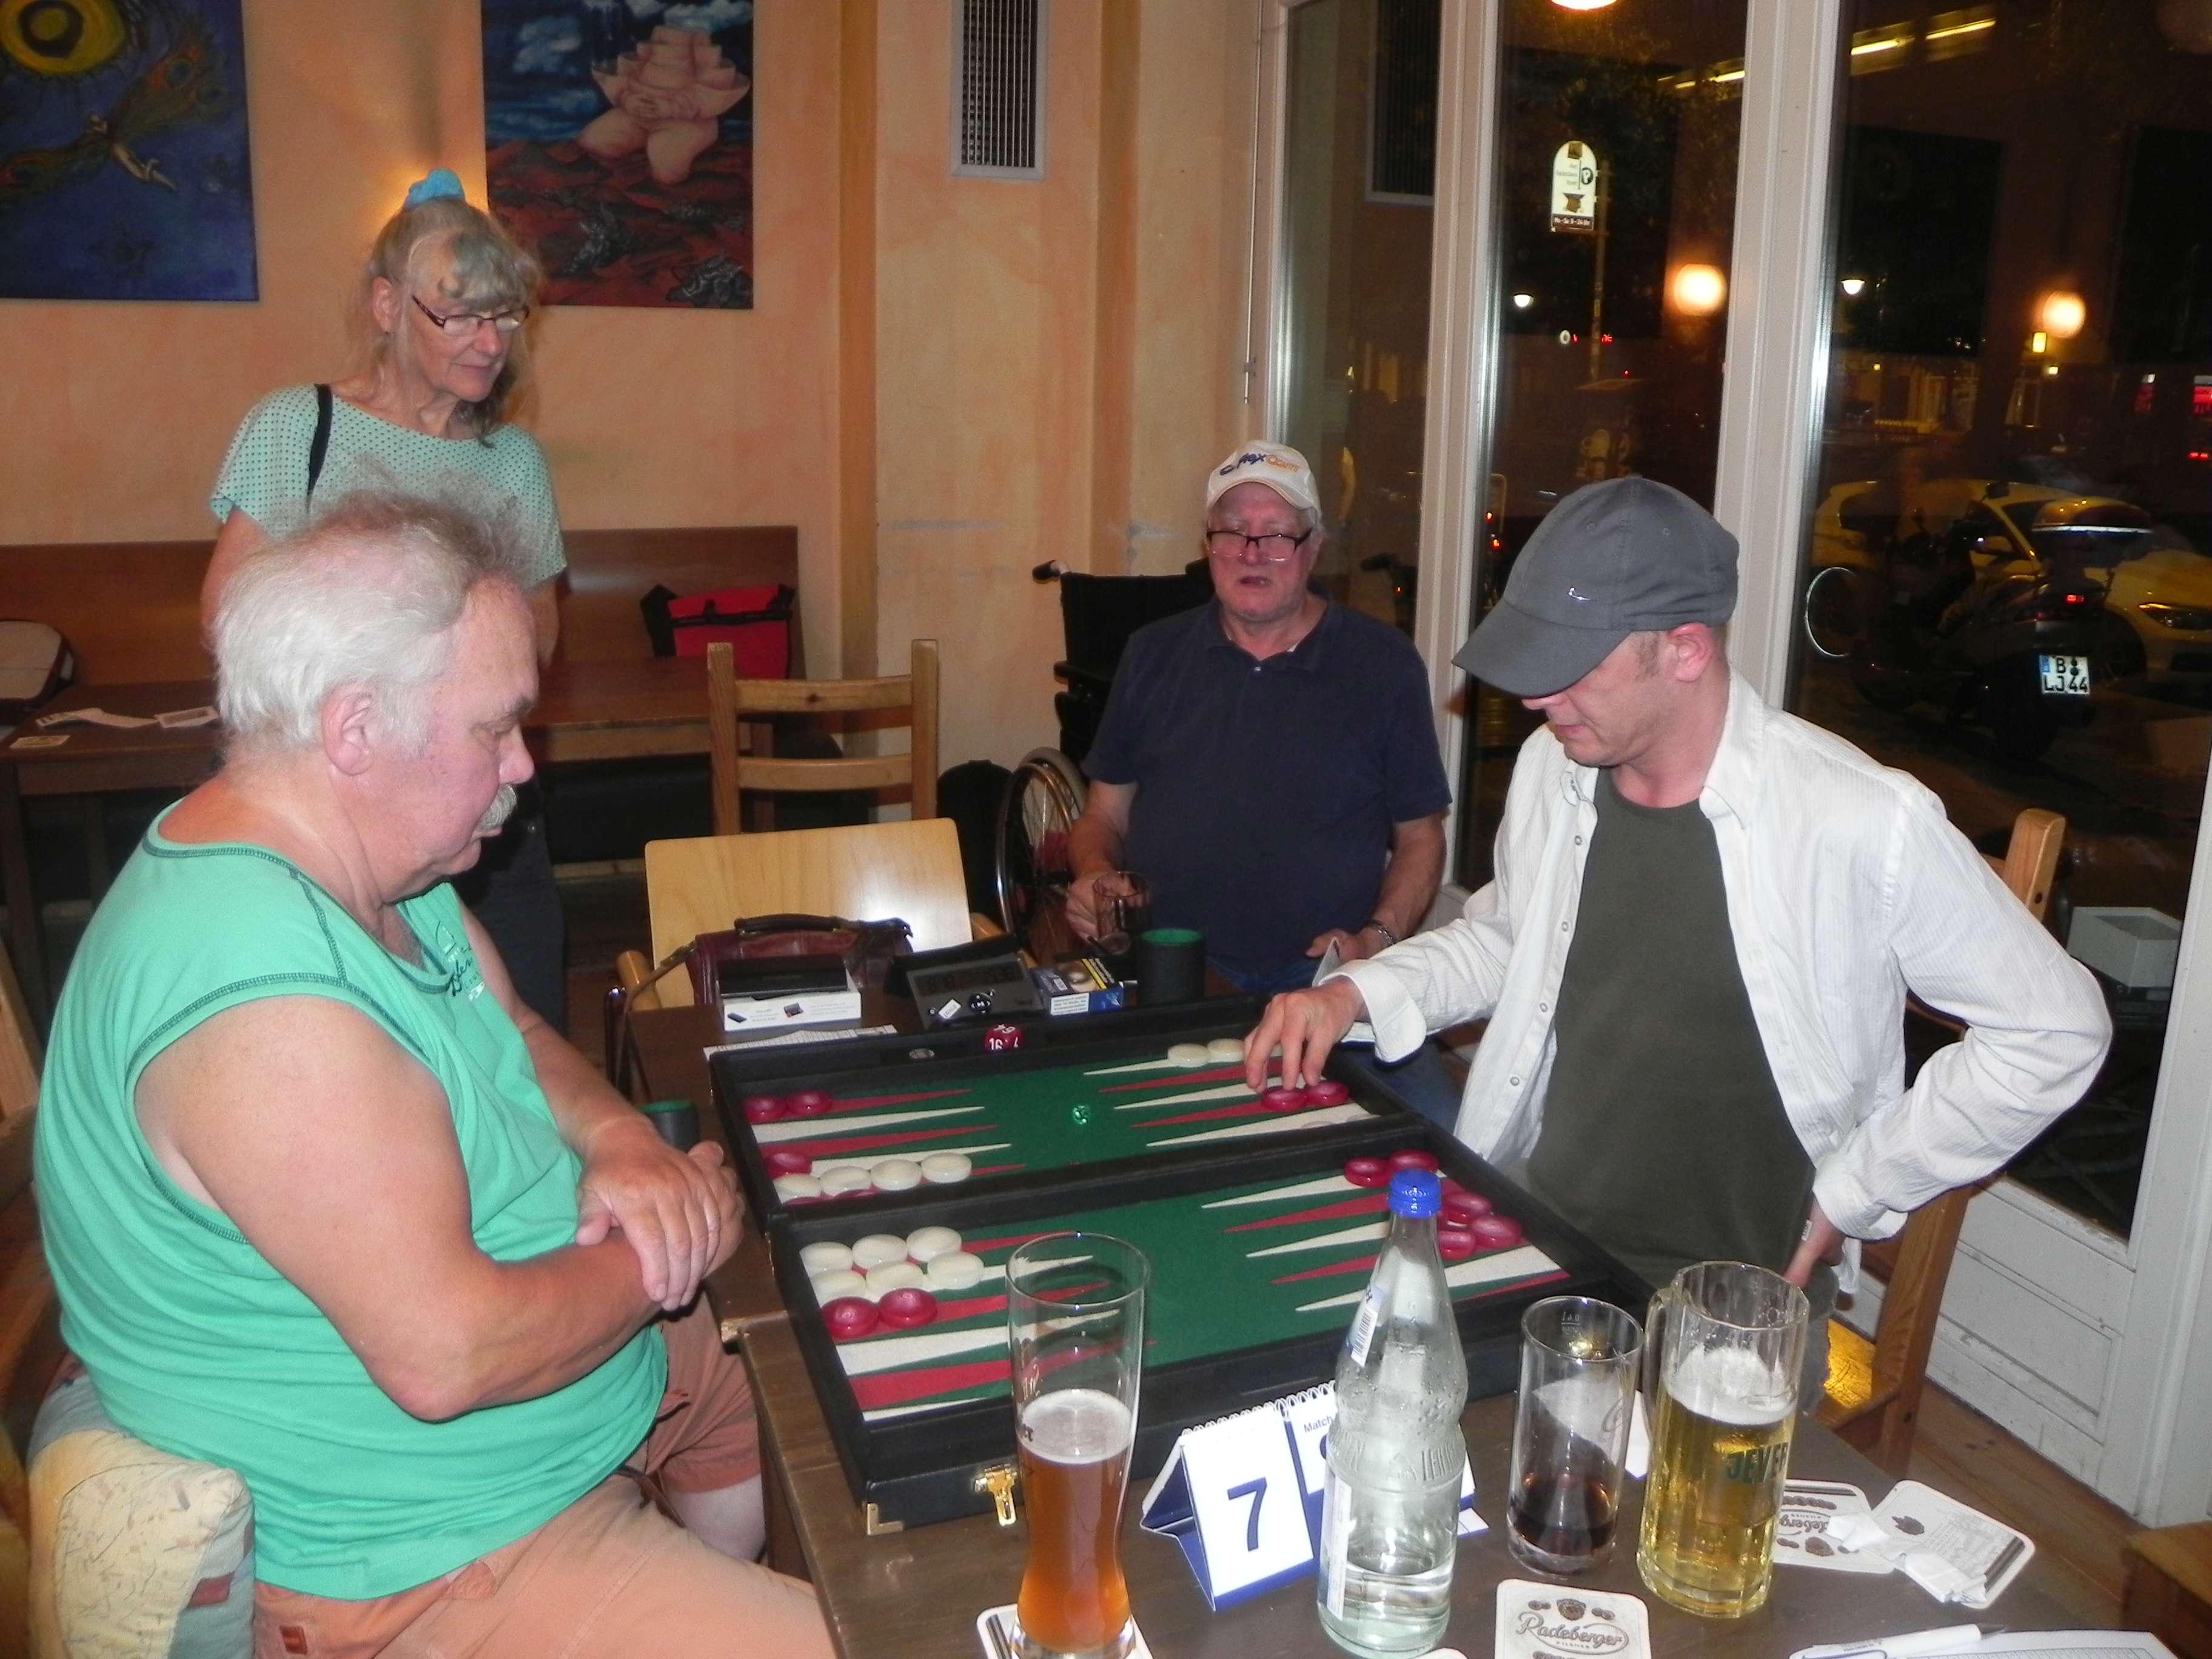 Wiedersehen im Viertelfinale: Jürgen Lange (li) trifft erneut auf Marcus Reinhard. Ehefrau Jutta und Wolfgang zum Winkel kiebitzen